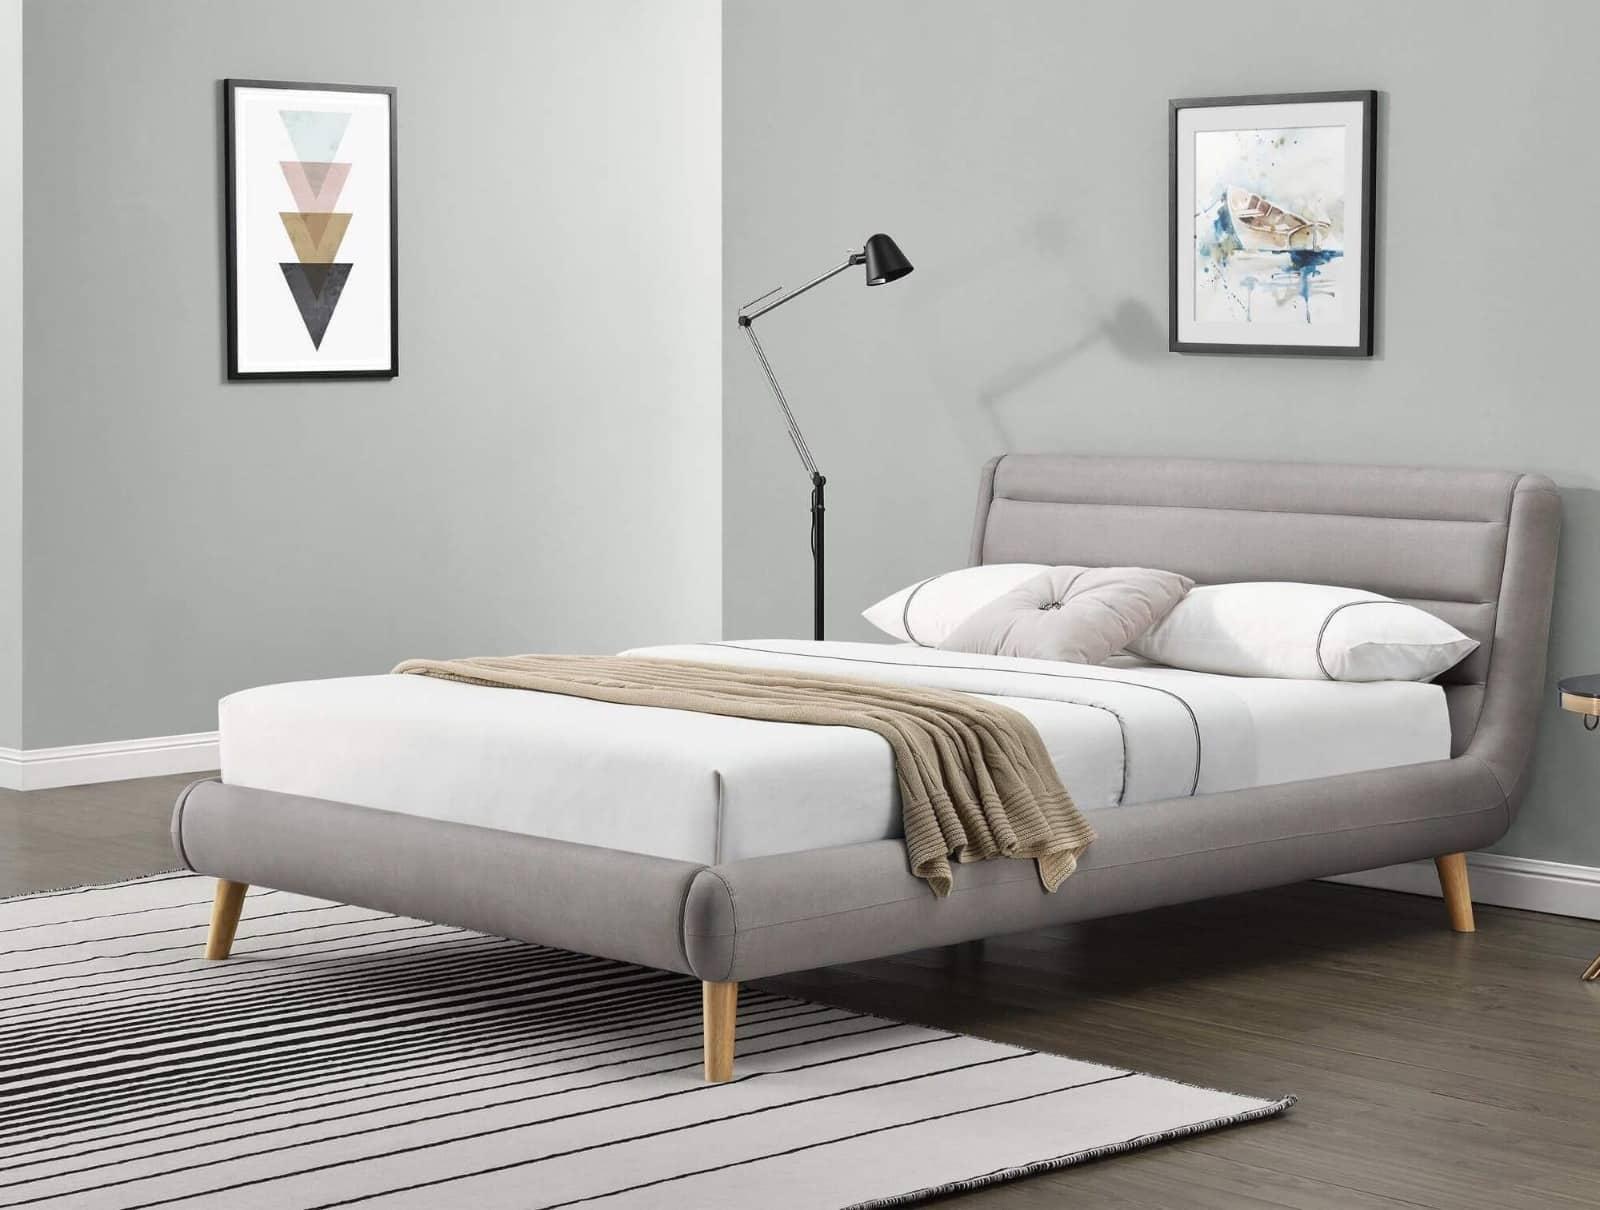 Dormitorul – mic, dar cochet. Idei de amenajare 3